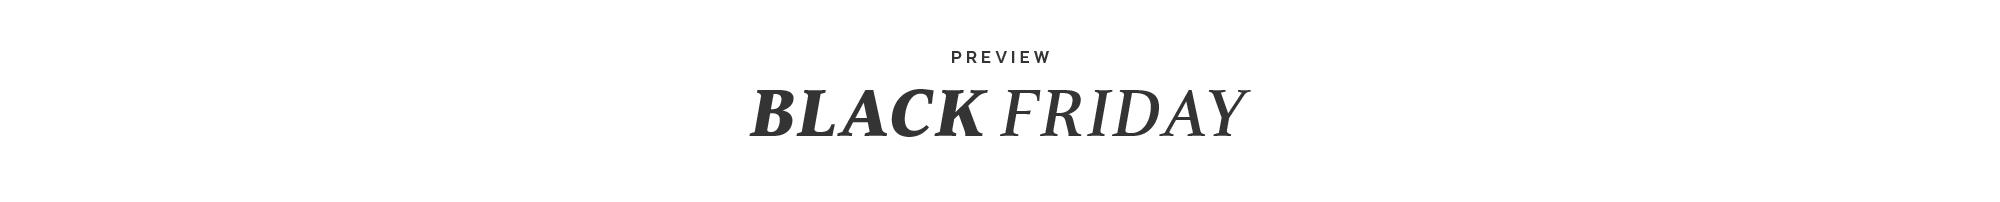 pre-black-friday